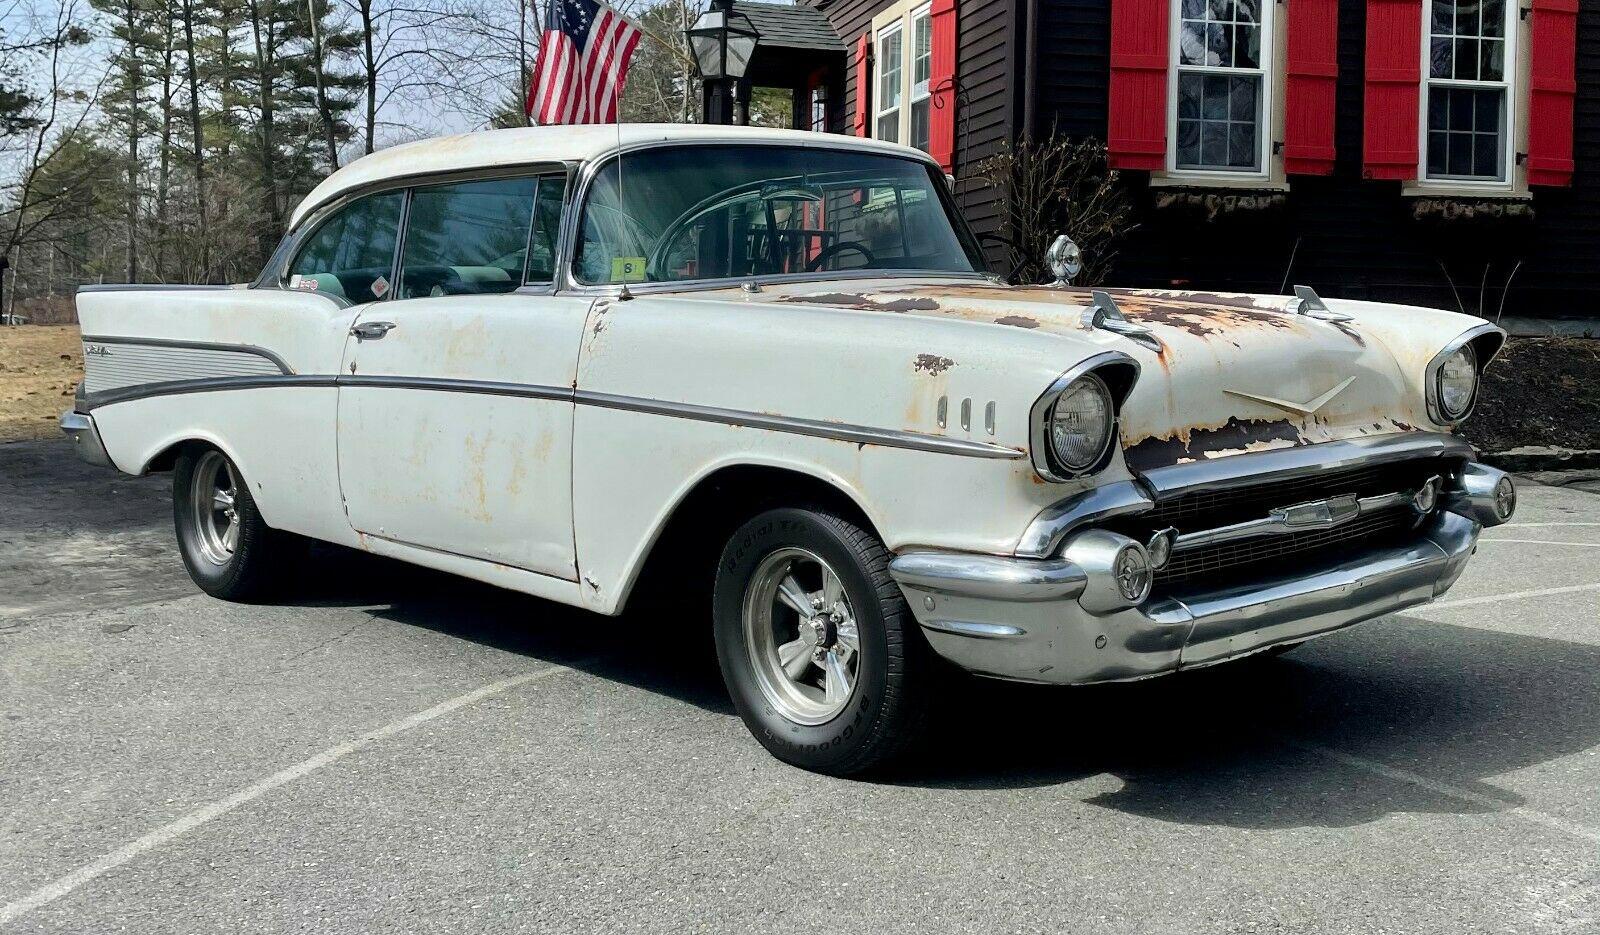 Chevrolet Bel Air 1957 tìm thấy trong nhà kho bỏ hoang sau nhiều thập kỷ, động cơ V8 chạy ngon lành - Ảnh 2.